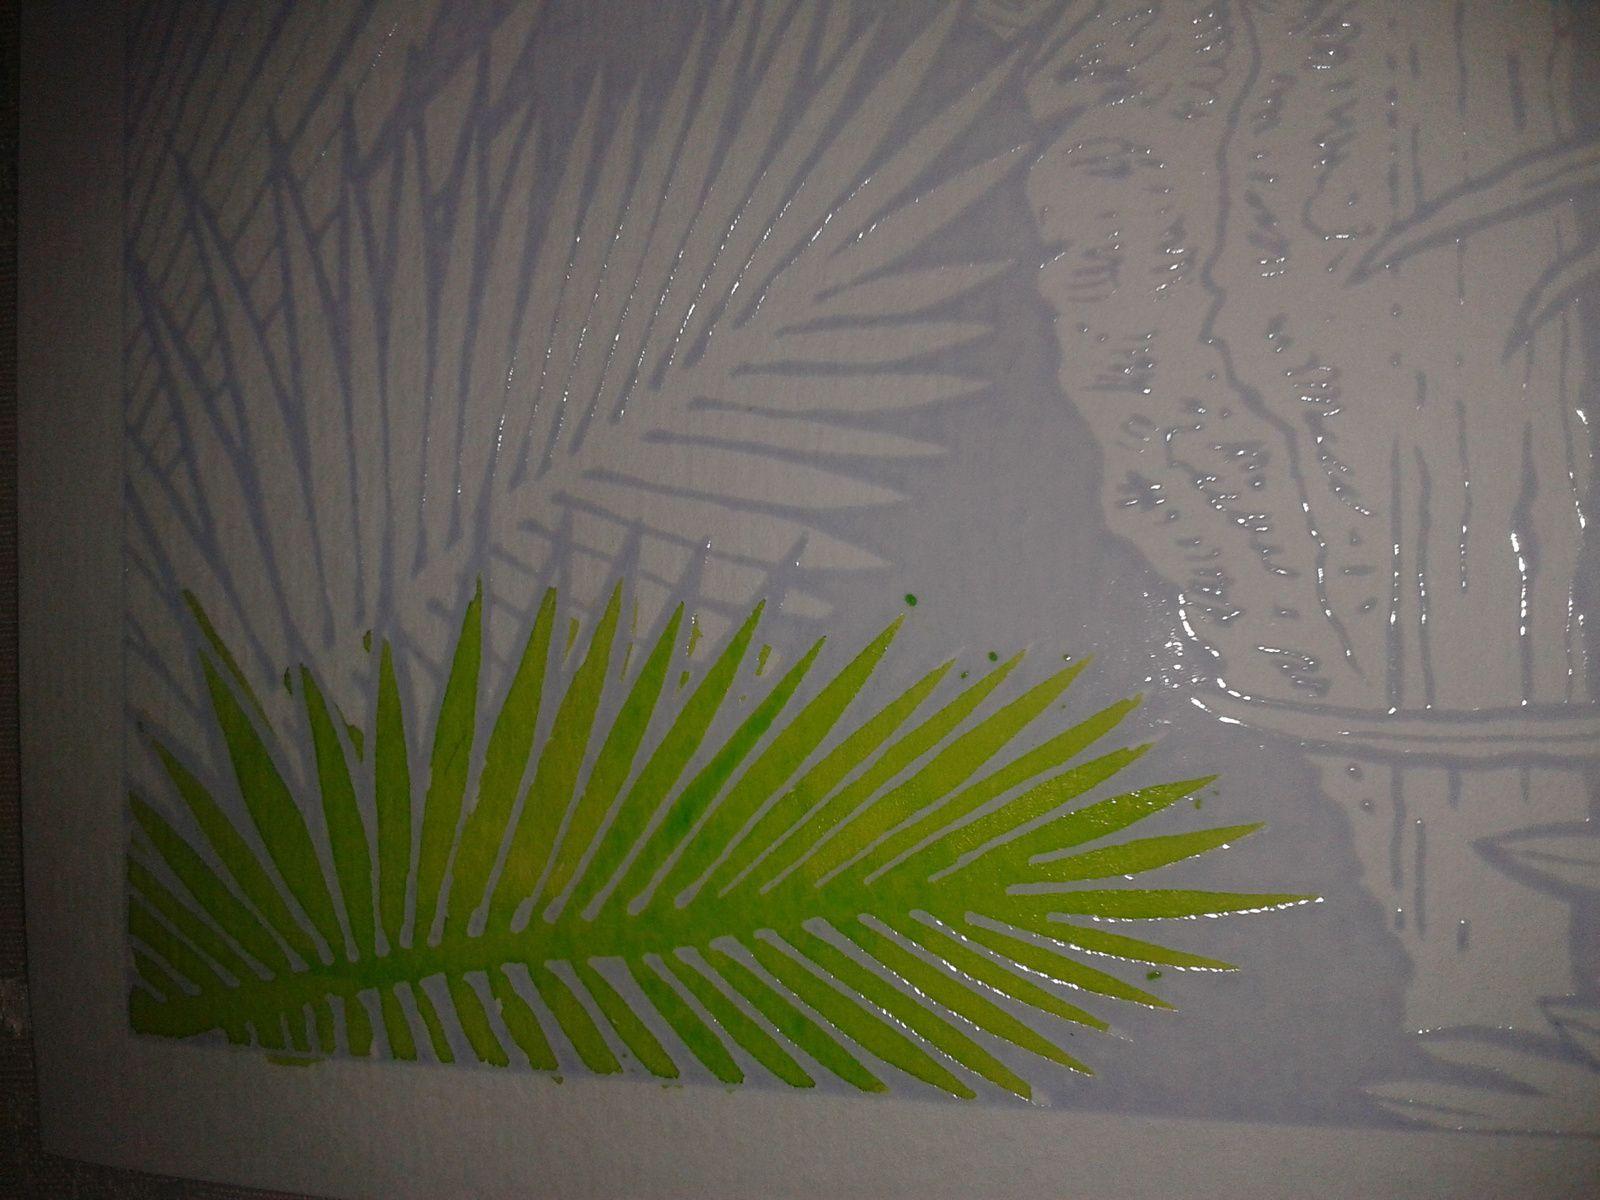 Aquarellum de sentosphère